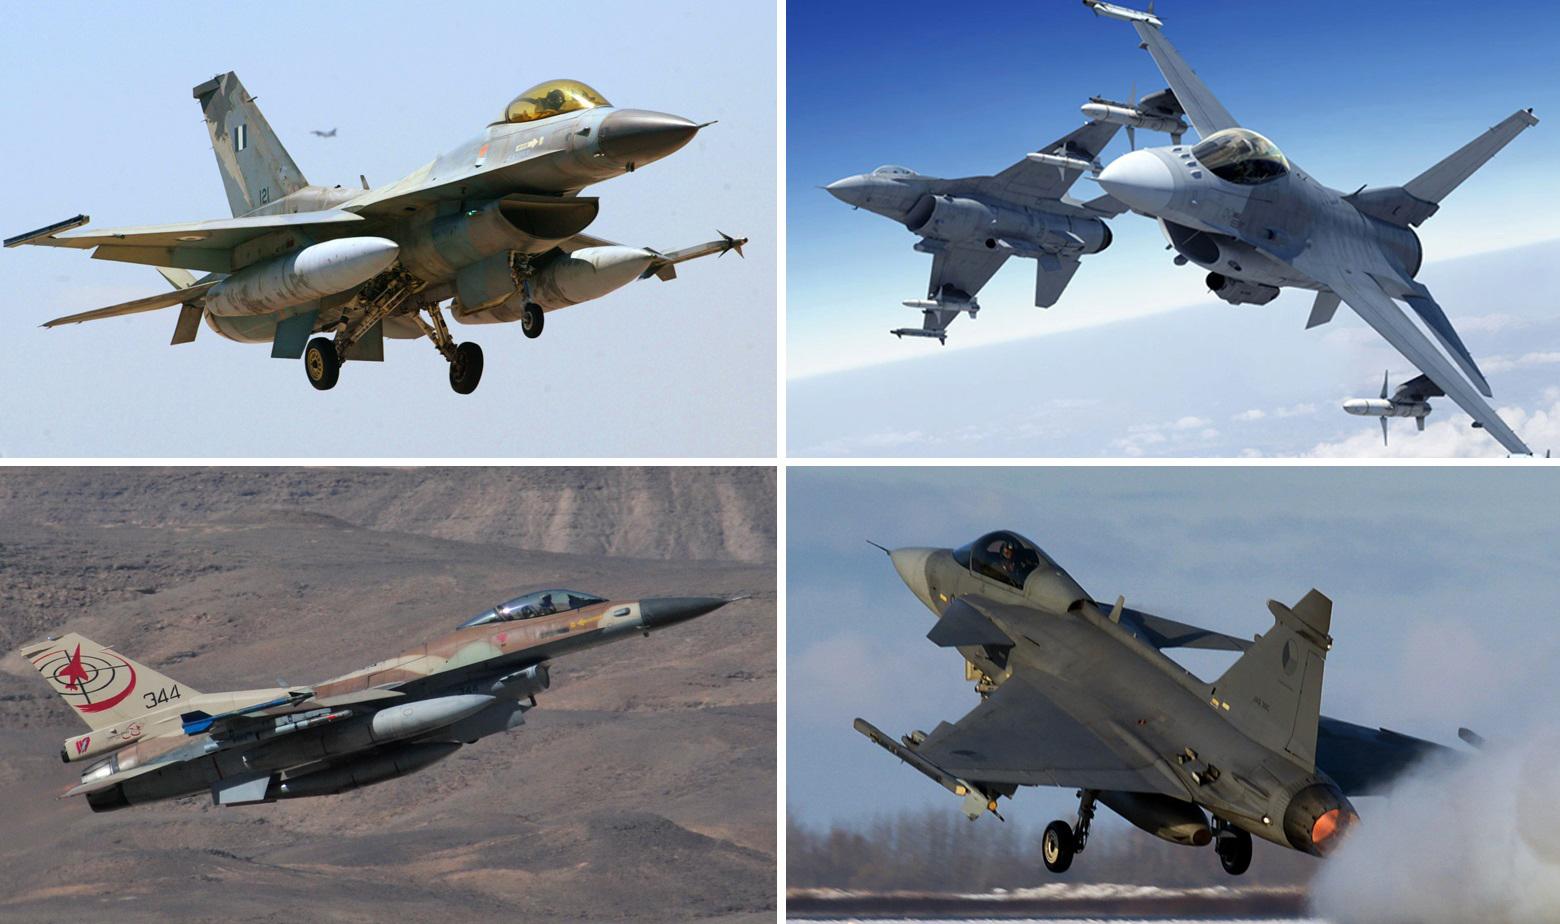 Gore: Grčki F-16 (lijevo) i F-16 Block 70 koji nude Amerikanci. Dolje: Izraleski F-16 Barak i Gripen C Čeških zračnih snaga.